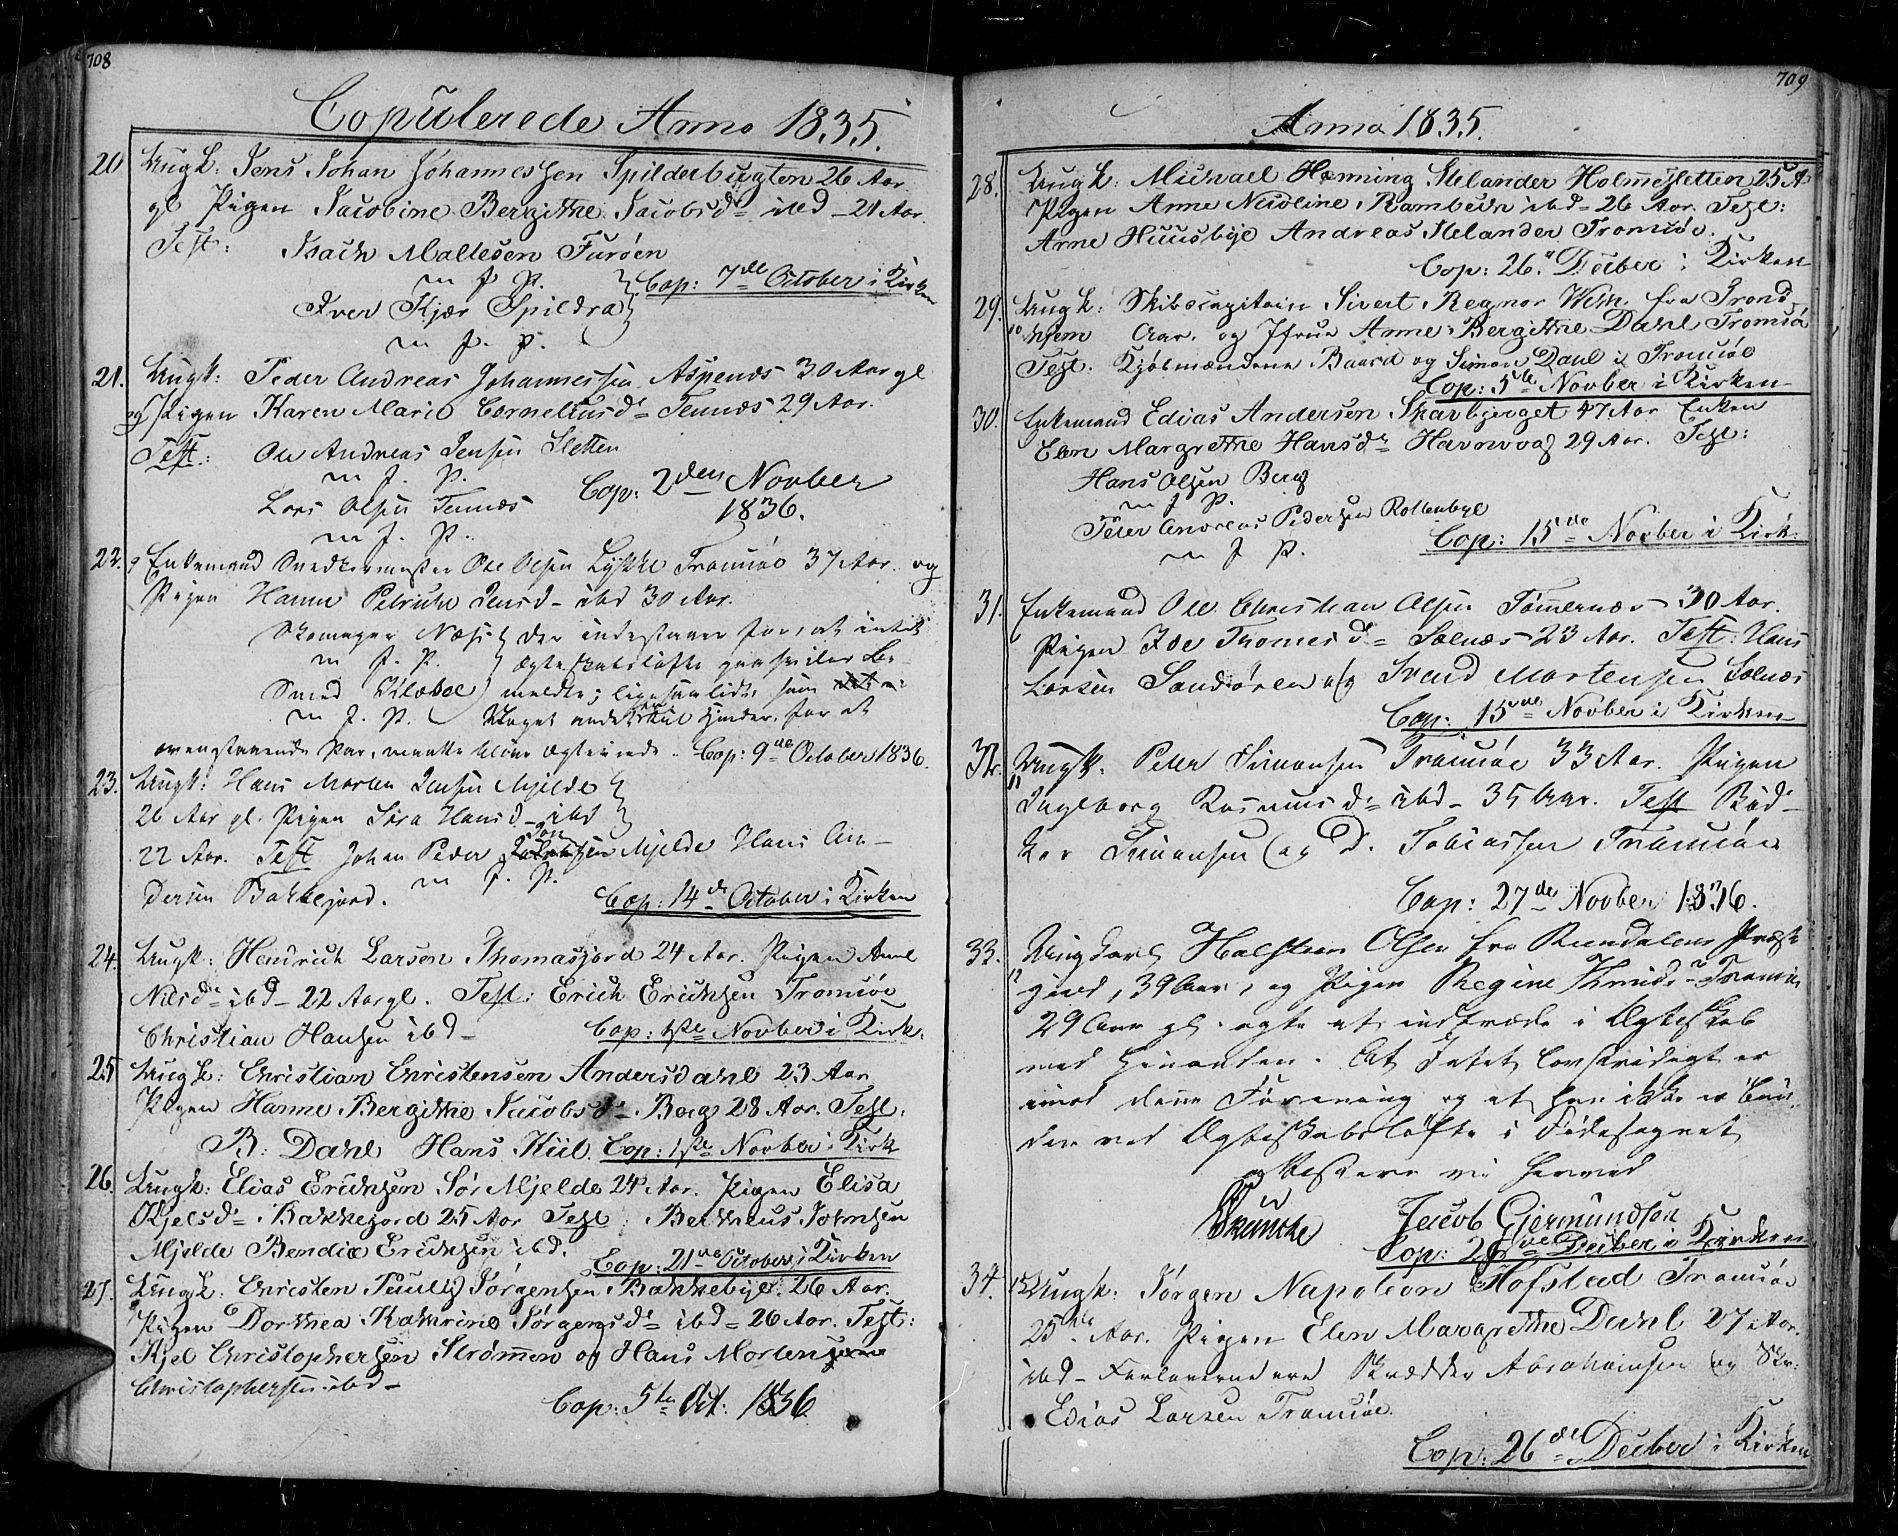 SATØ, Tromsø sokneprestkontor/stiftsprosti/domprosti, G/Ga/L0008kirke: Ministerialbok nr. 8, 1829-1837, s. 708-709